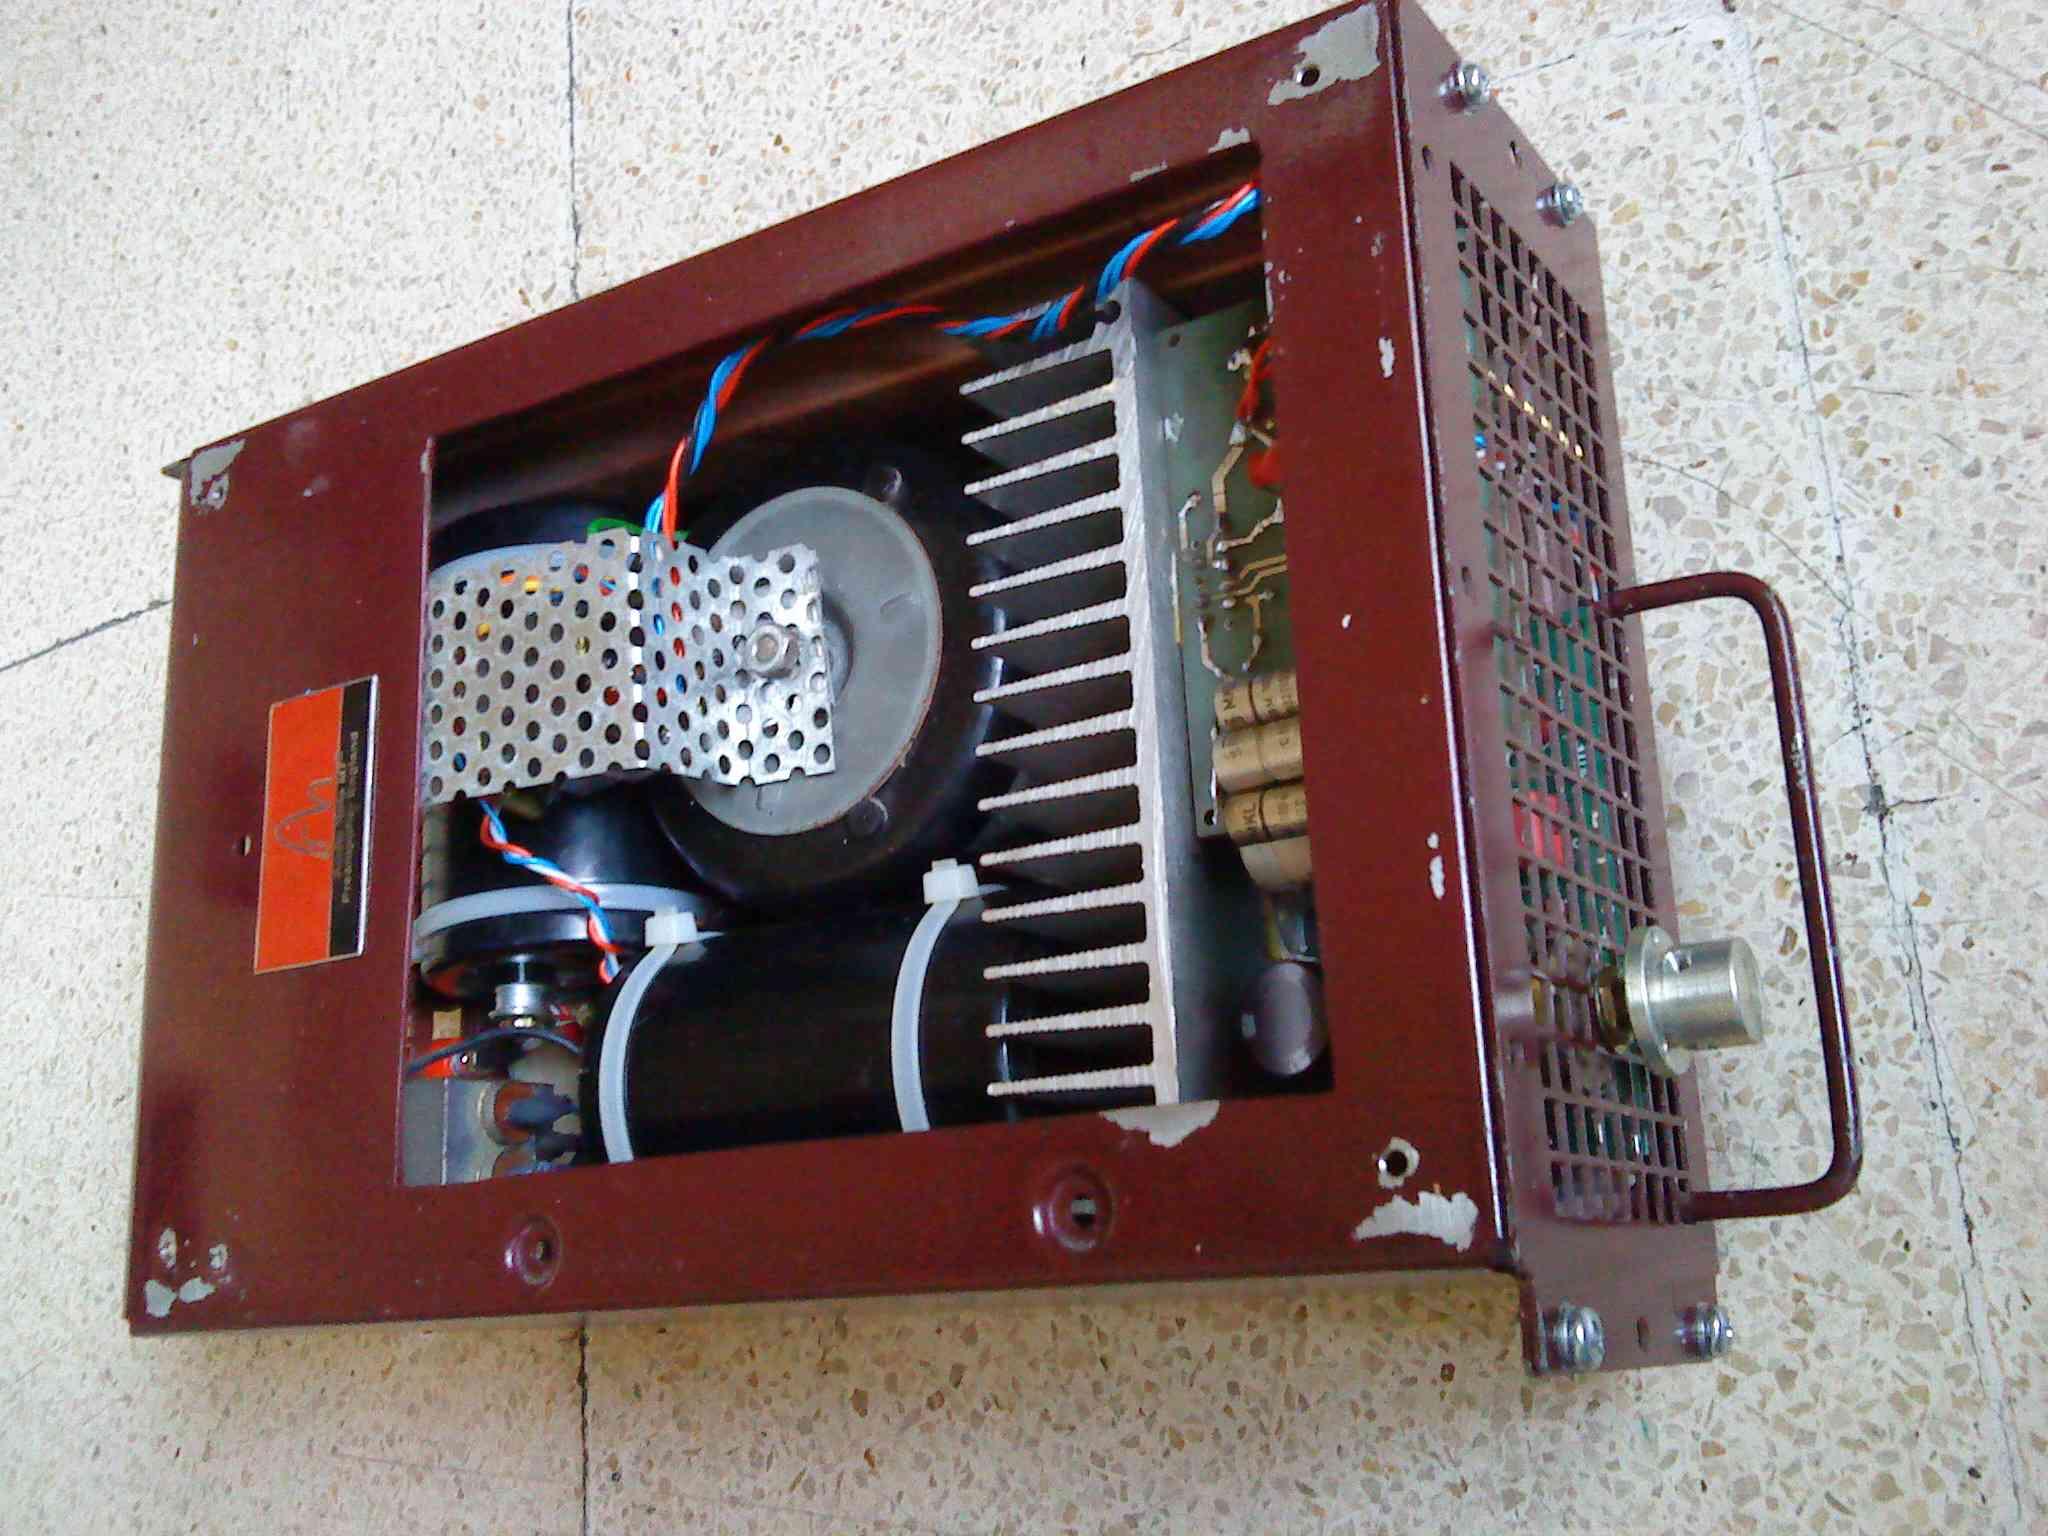 The Redbox dengan cover terbuka